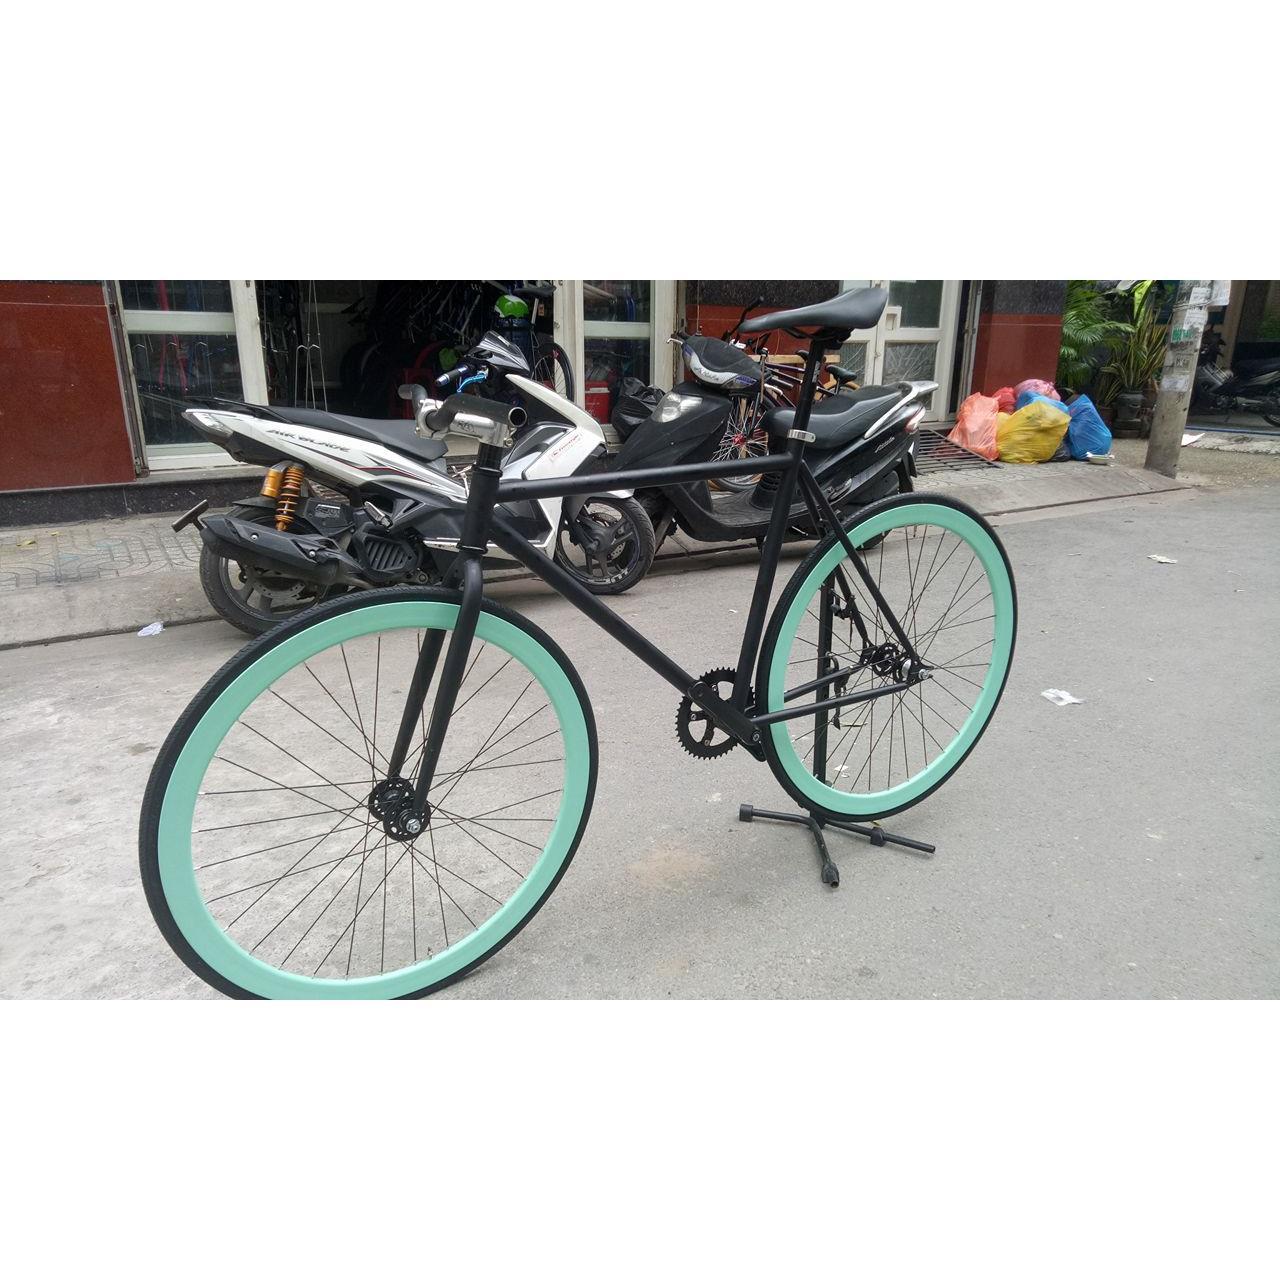 Xe đạp Fixed Gear cơ bản ( Đen - Xanh mint )